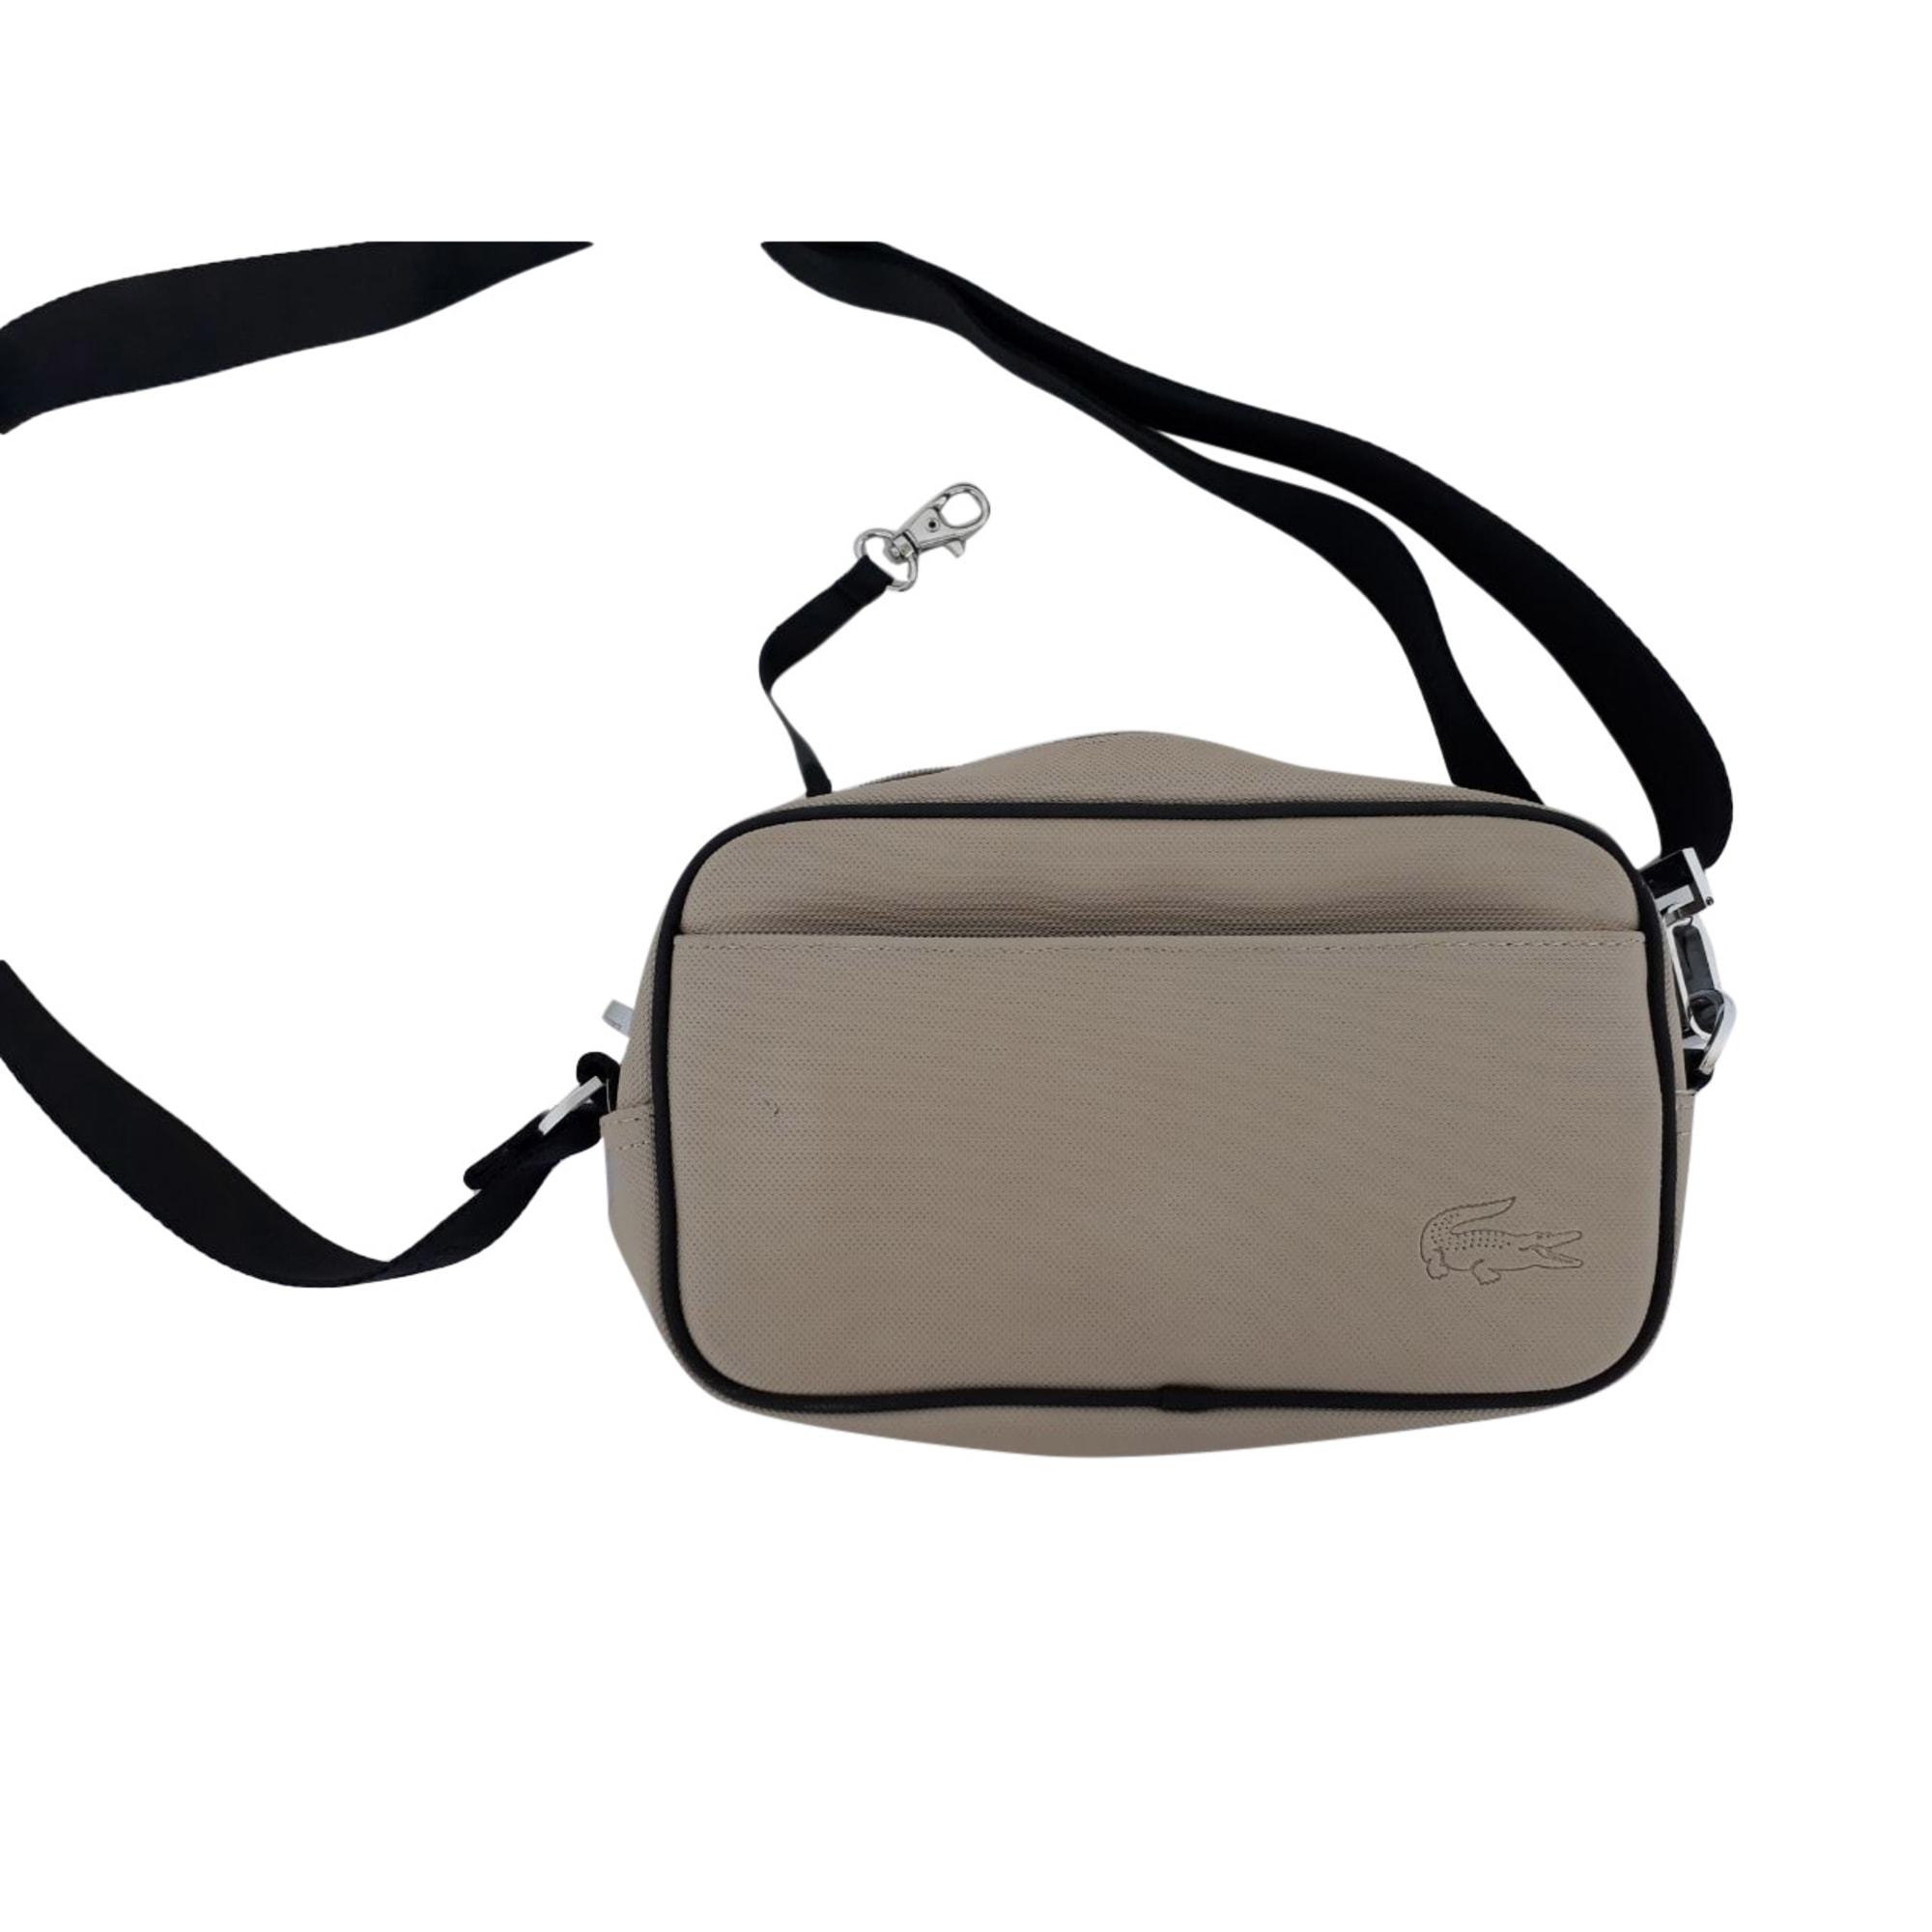 وعاء مارينر كراج sac en bandouliere lacoste femme